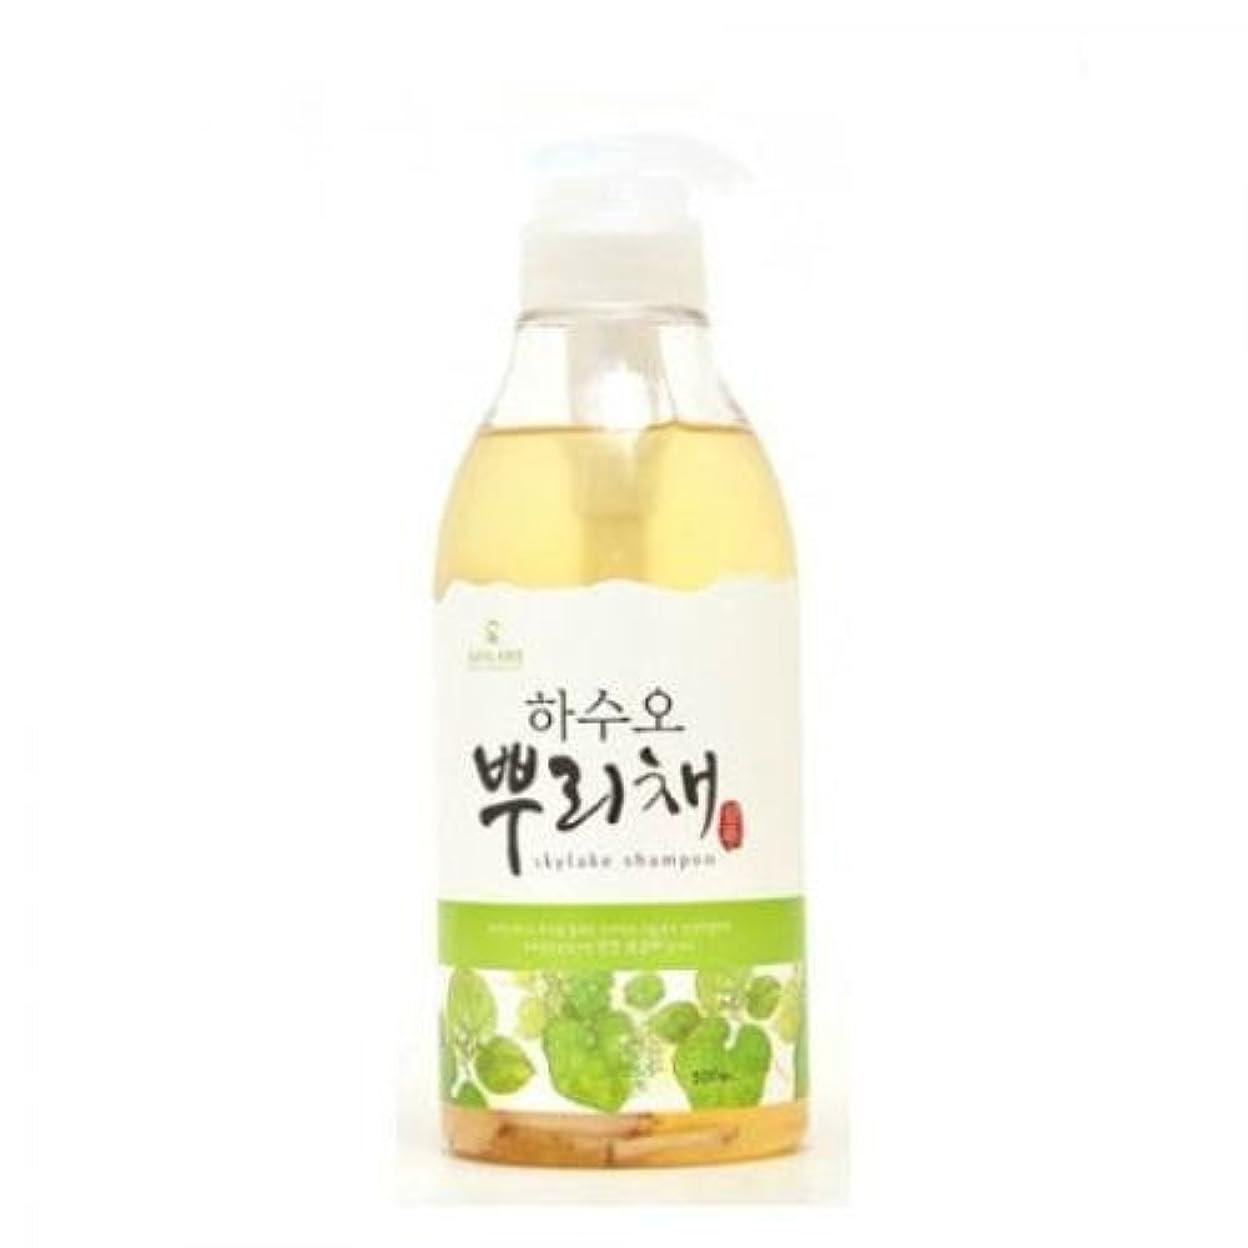 集団的行進応援するSkylake Oriental Herb Cool Shampoo (Korean original)